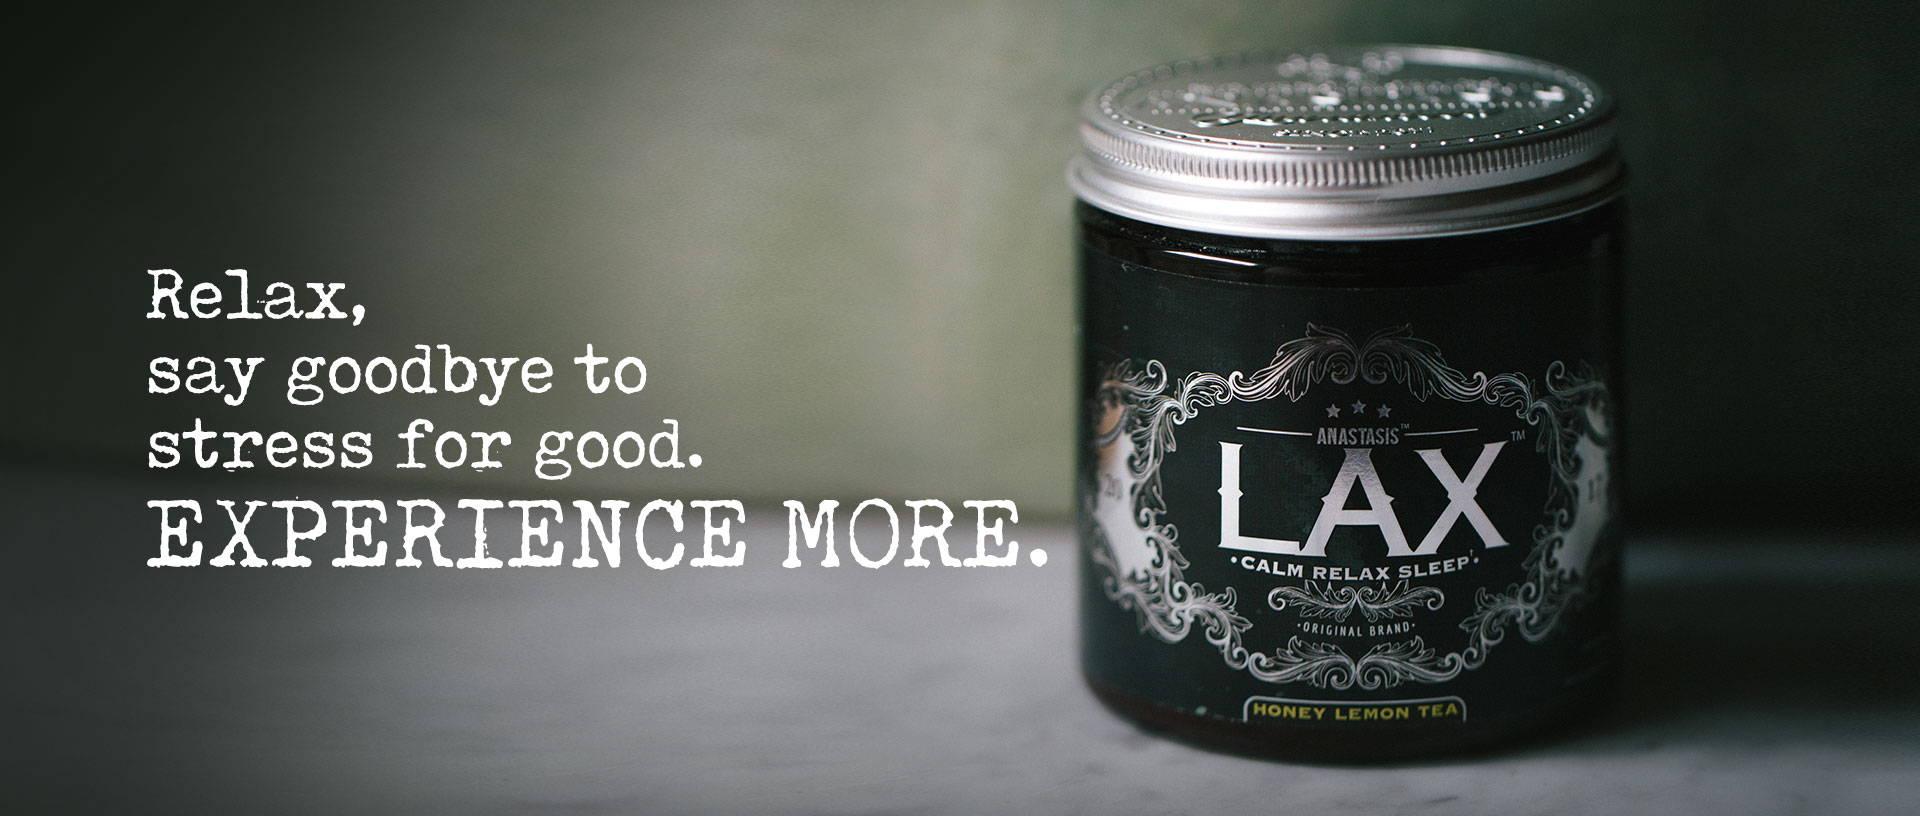 LAX Biohacking Relax nerve tonic nootropics